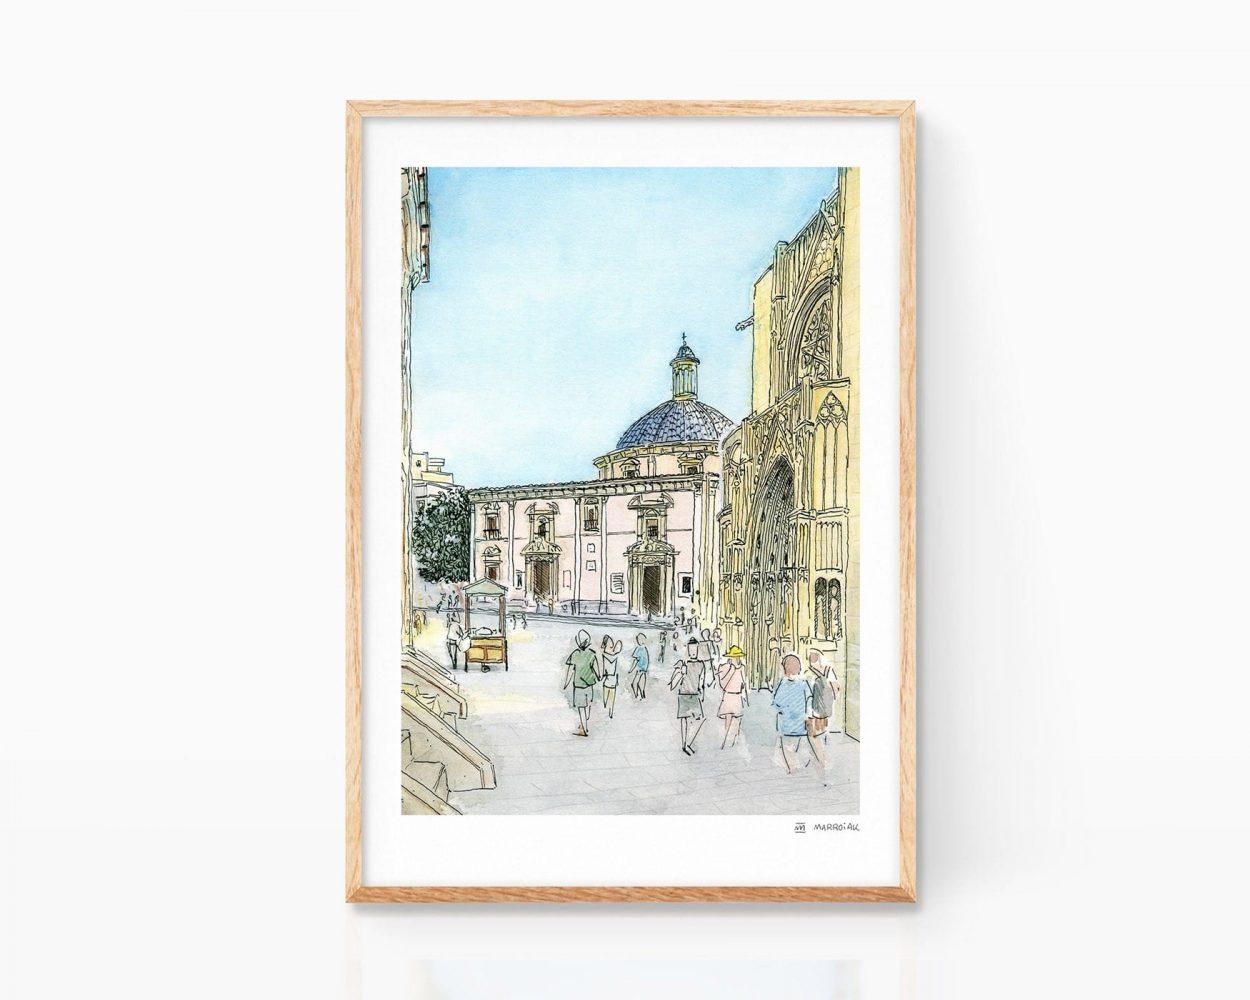 Lámina Print con una ilustración de la plaza de la virgen en el barrio del carmen de valencia. Dibujos valencianos. venta online